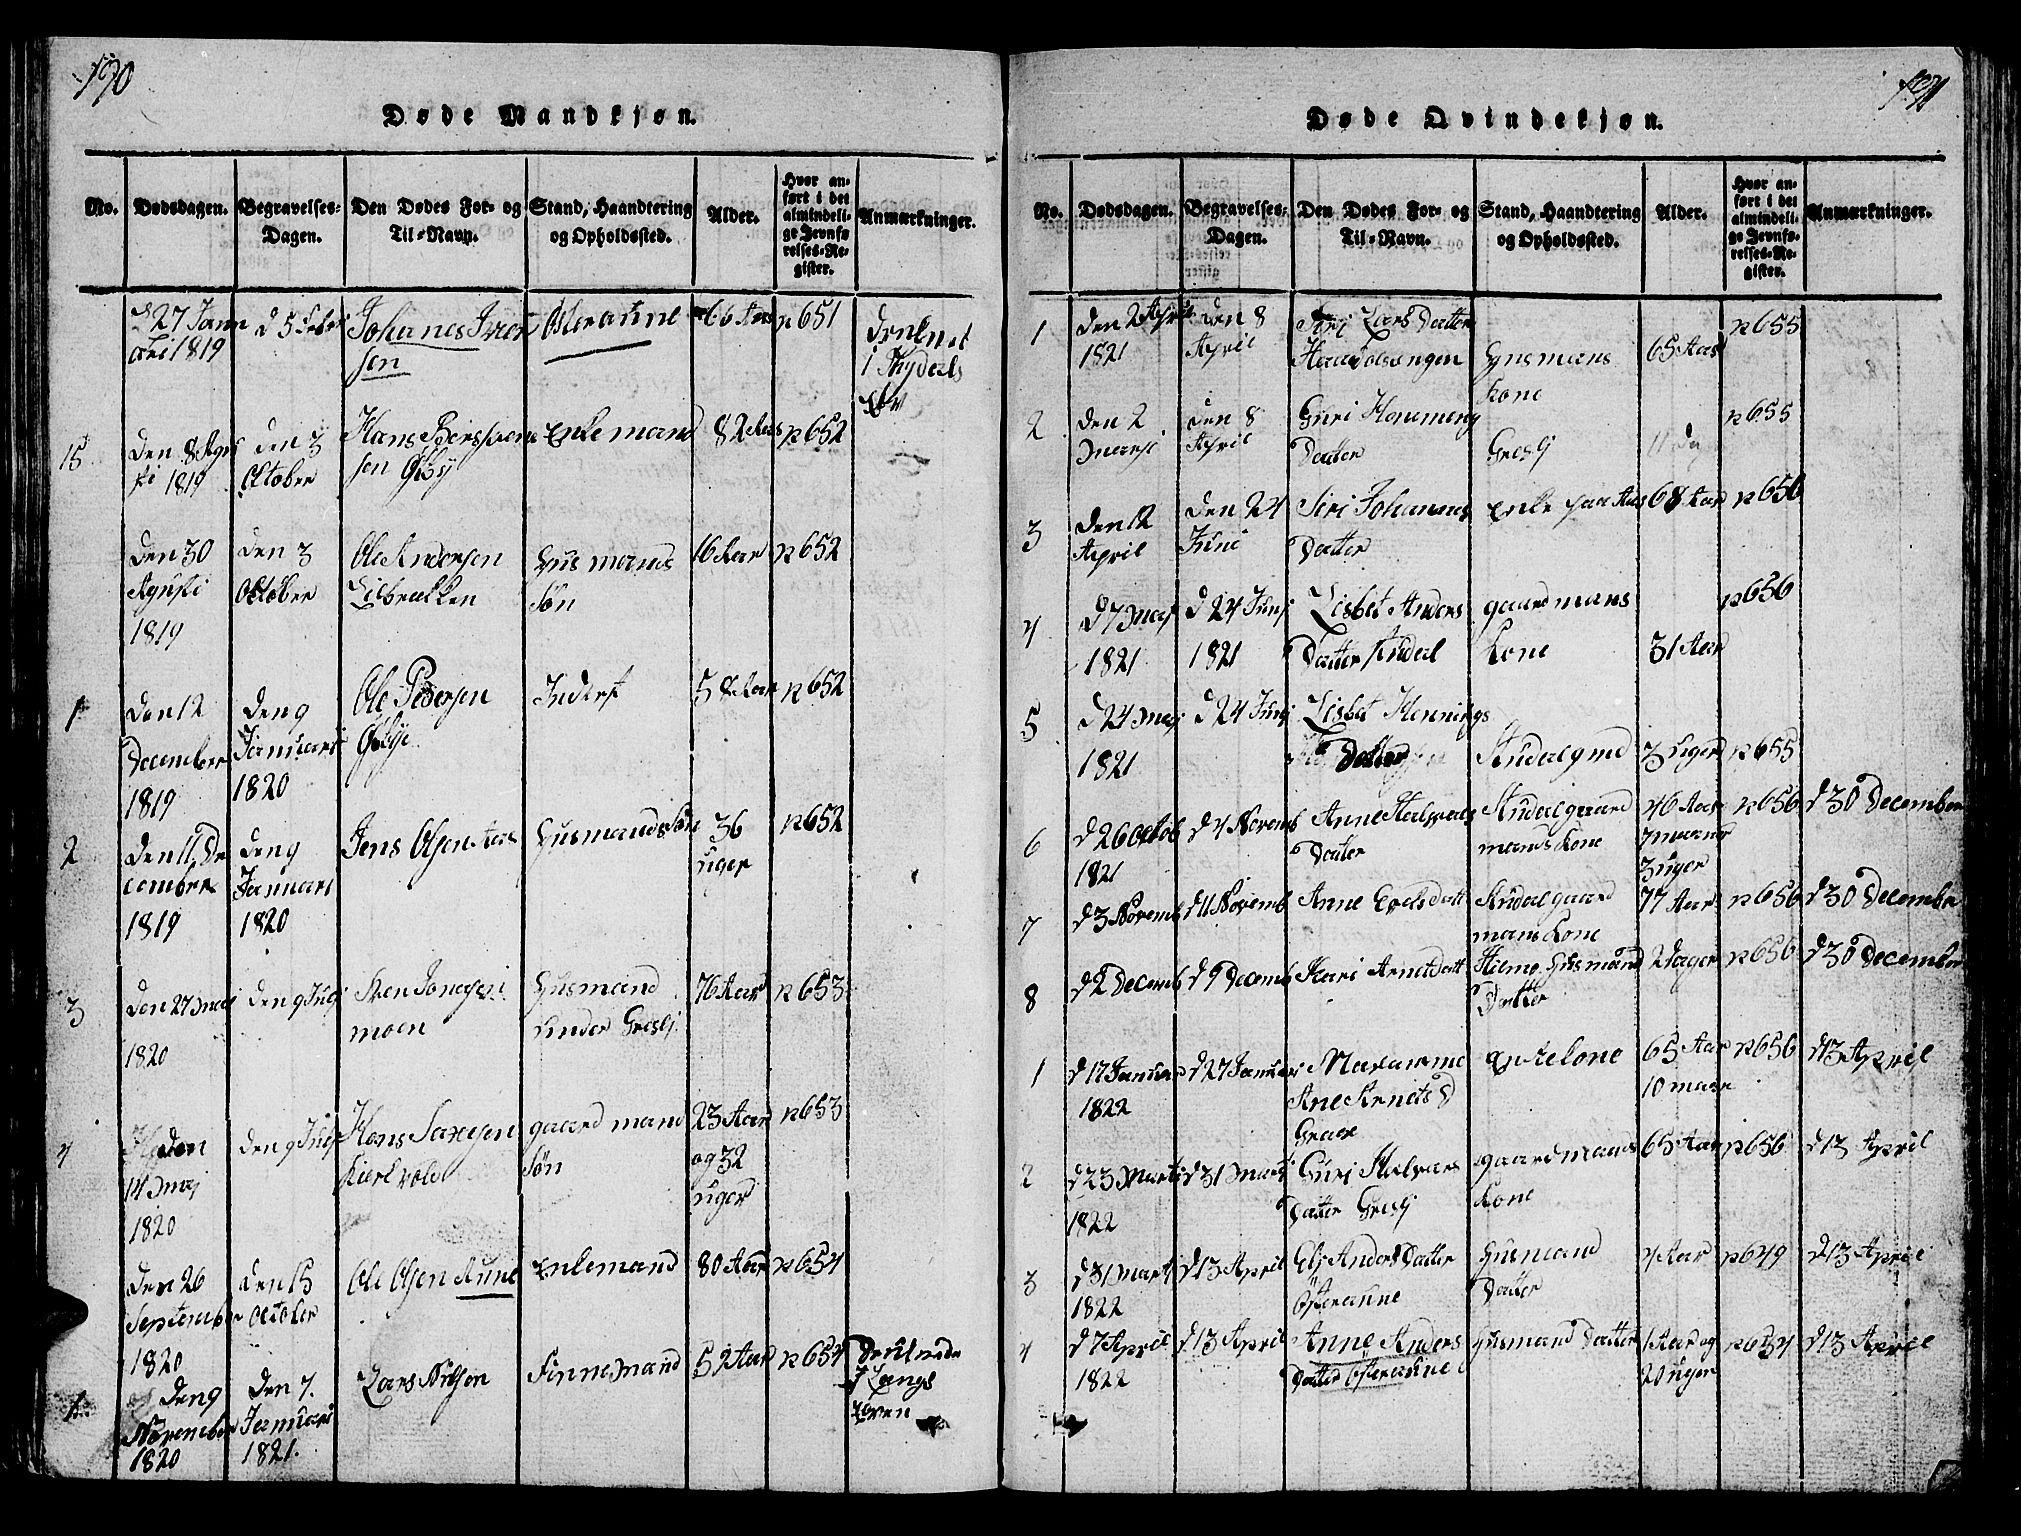 SAT, Ministerialprotokoller, klokkerbøker og fødselsregistre - Sør-Trøndelag, 698/L1164: Klokkerbok nr. 698C01, 1816-1861, s. 190-191